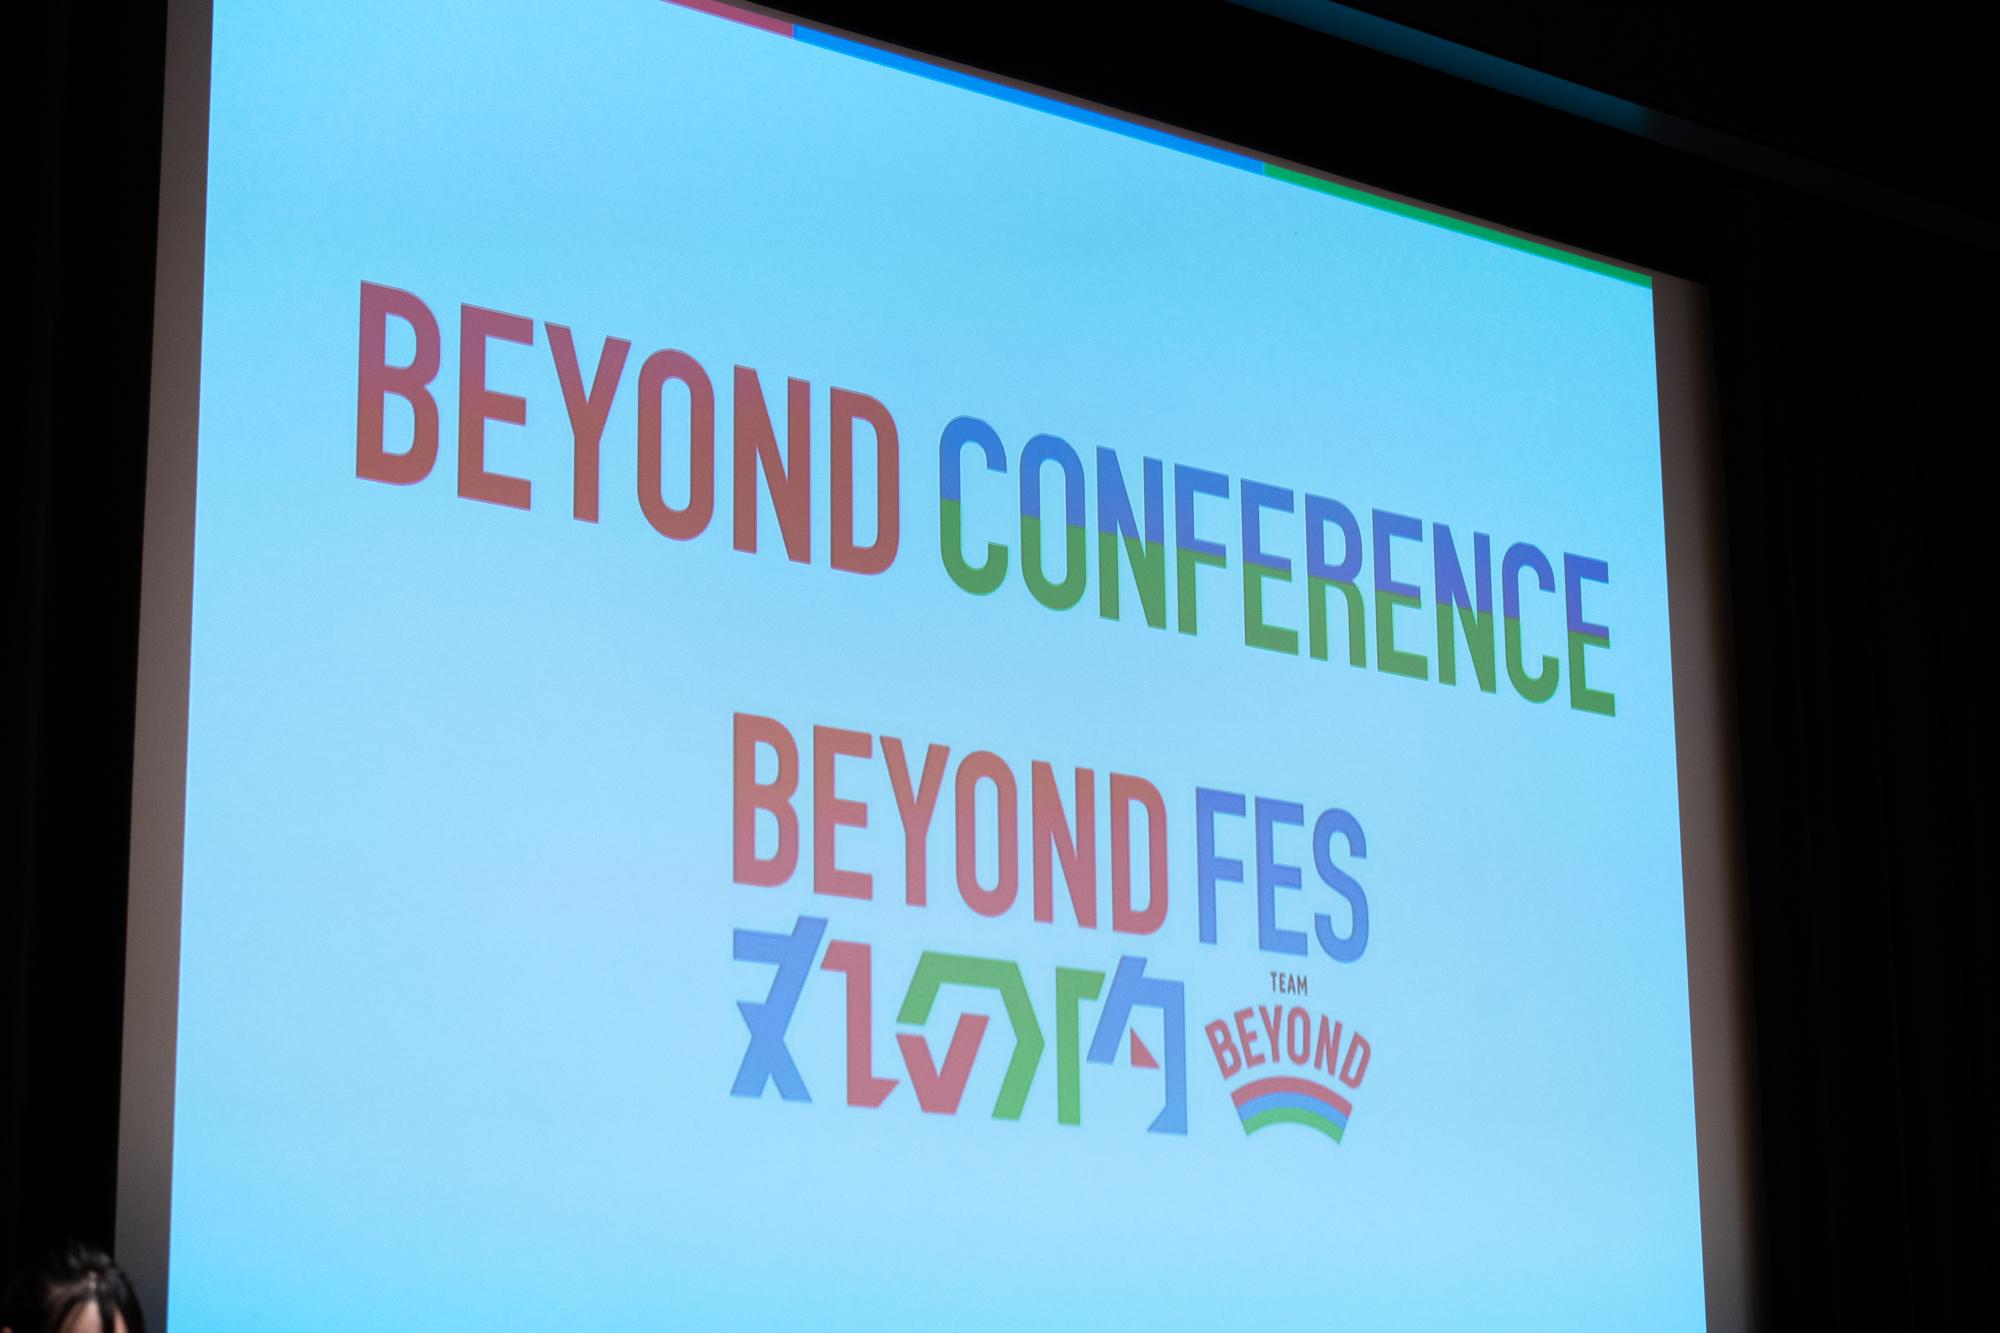 企業の事例紹介や交流を通じて、パラスポーツ支援を促進するための「BEYOND CONFERENCE」開催!